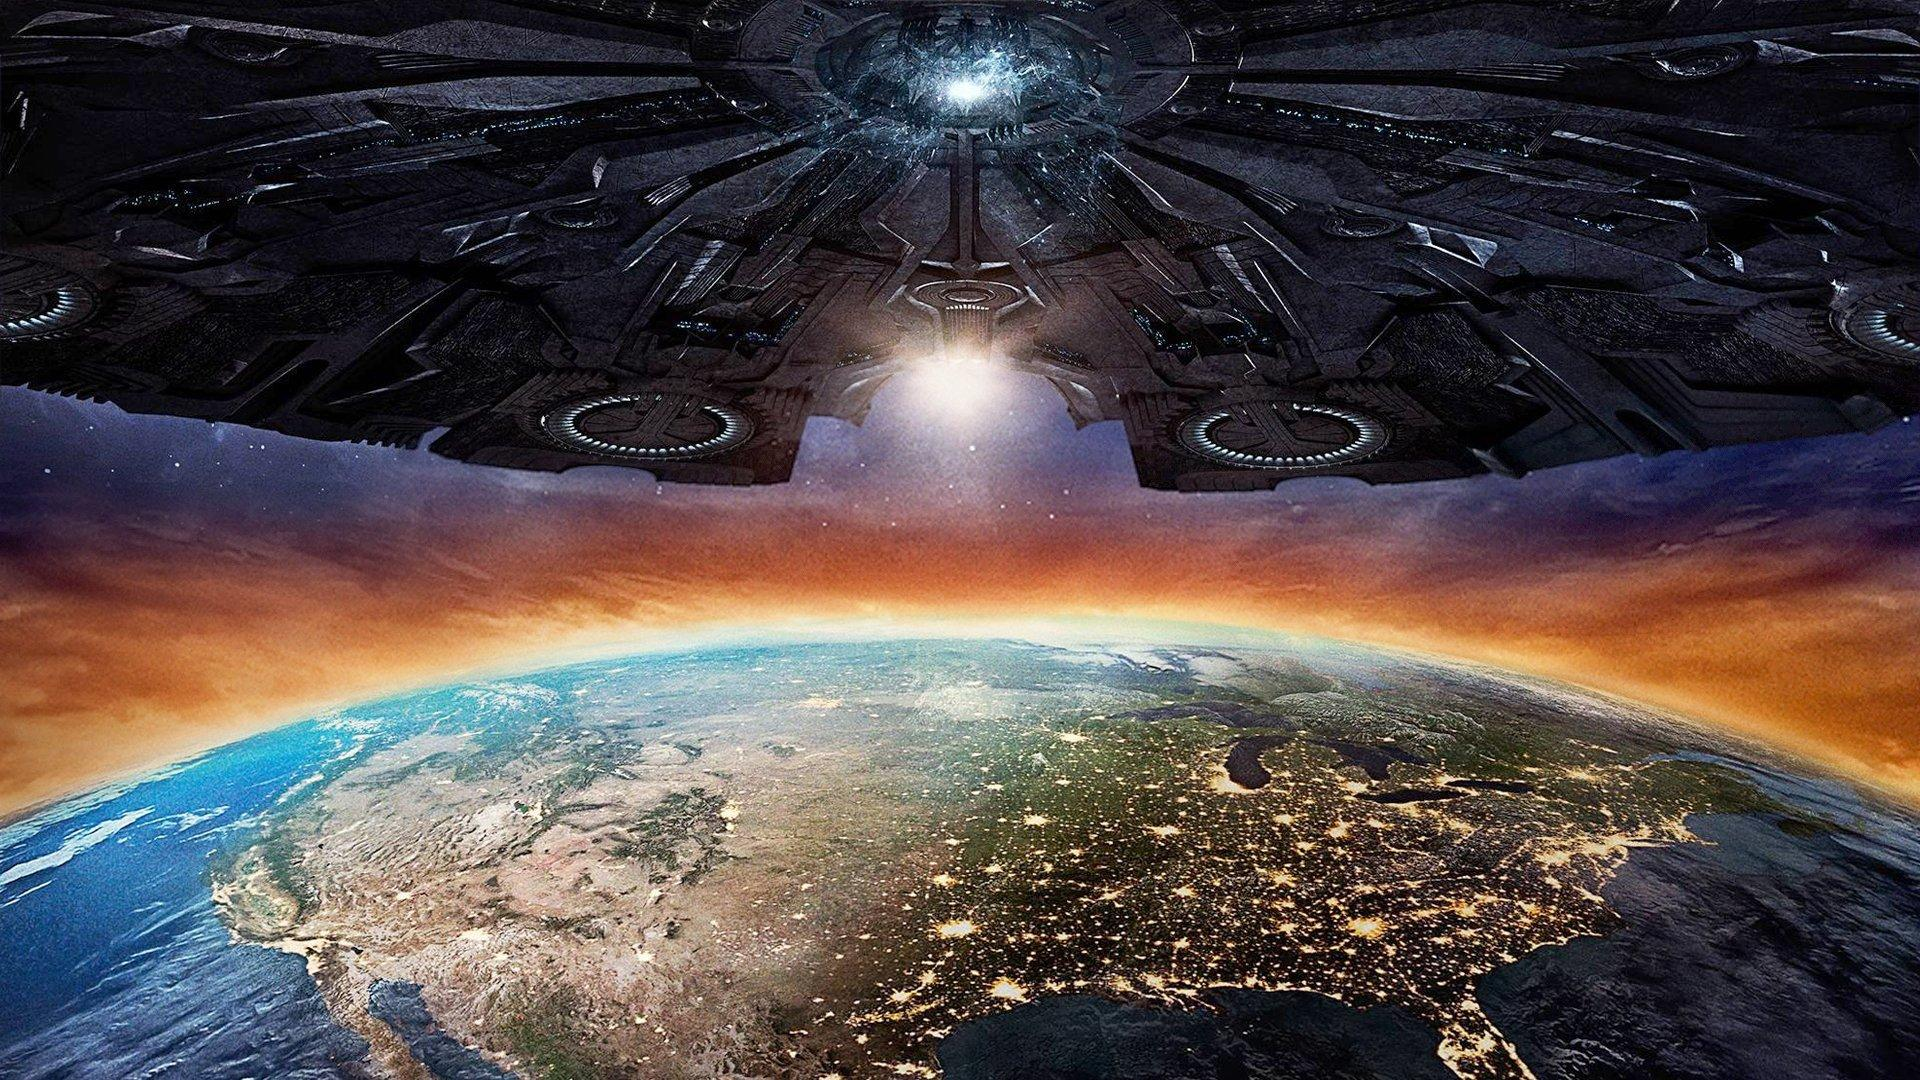 La NASA ofrece un trabajo para defender al planeta Tierra de amenazas extraterrestres